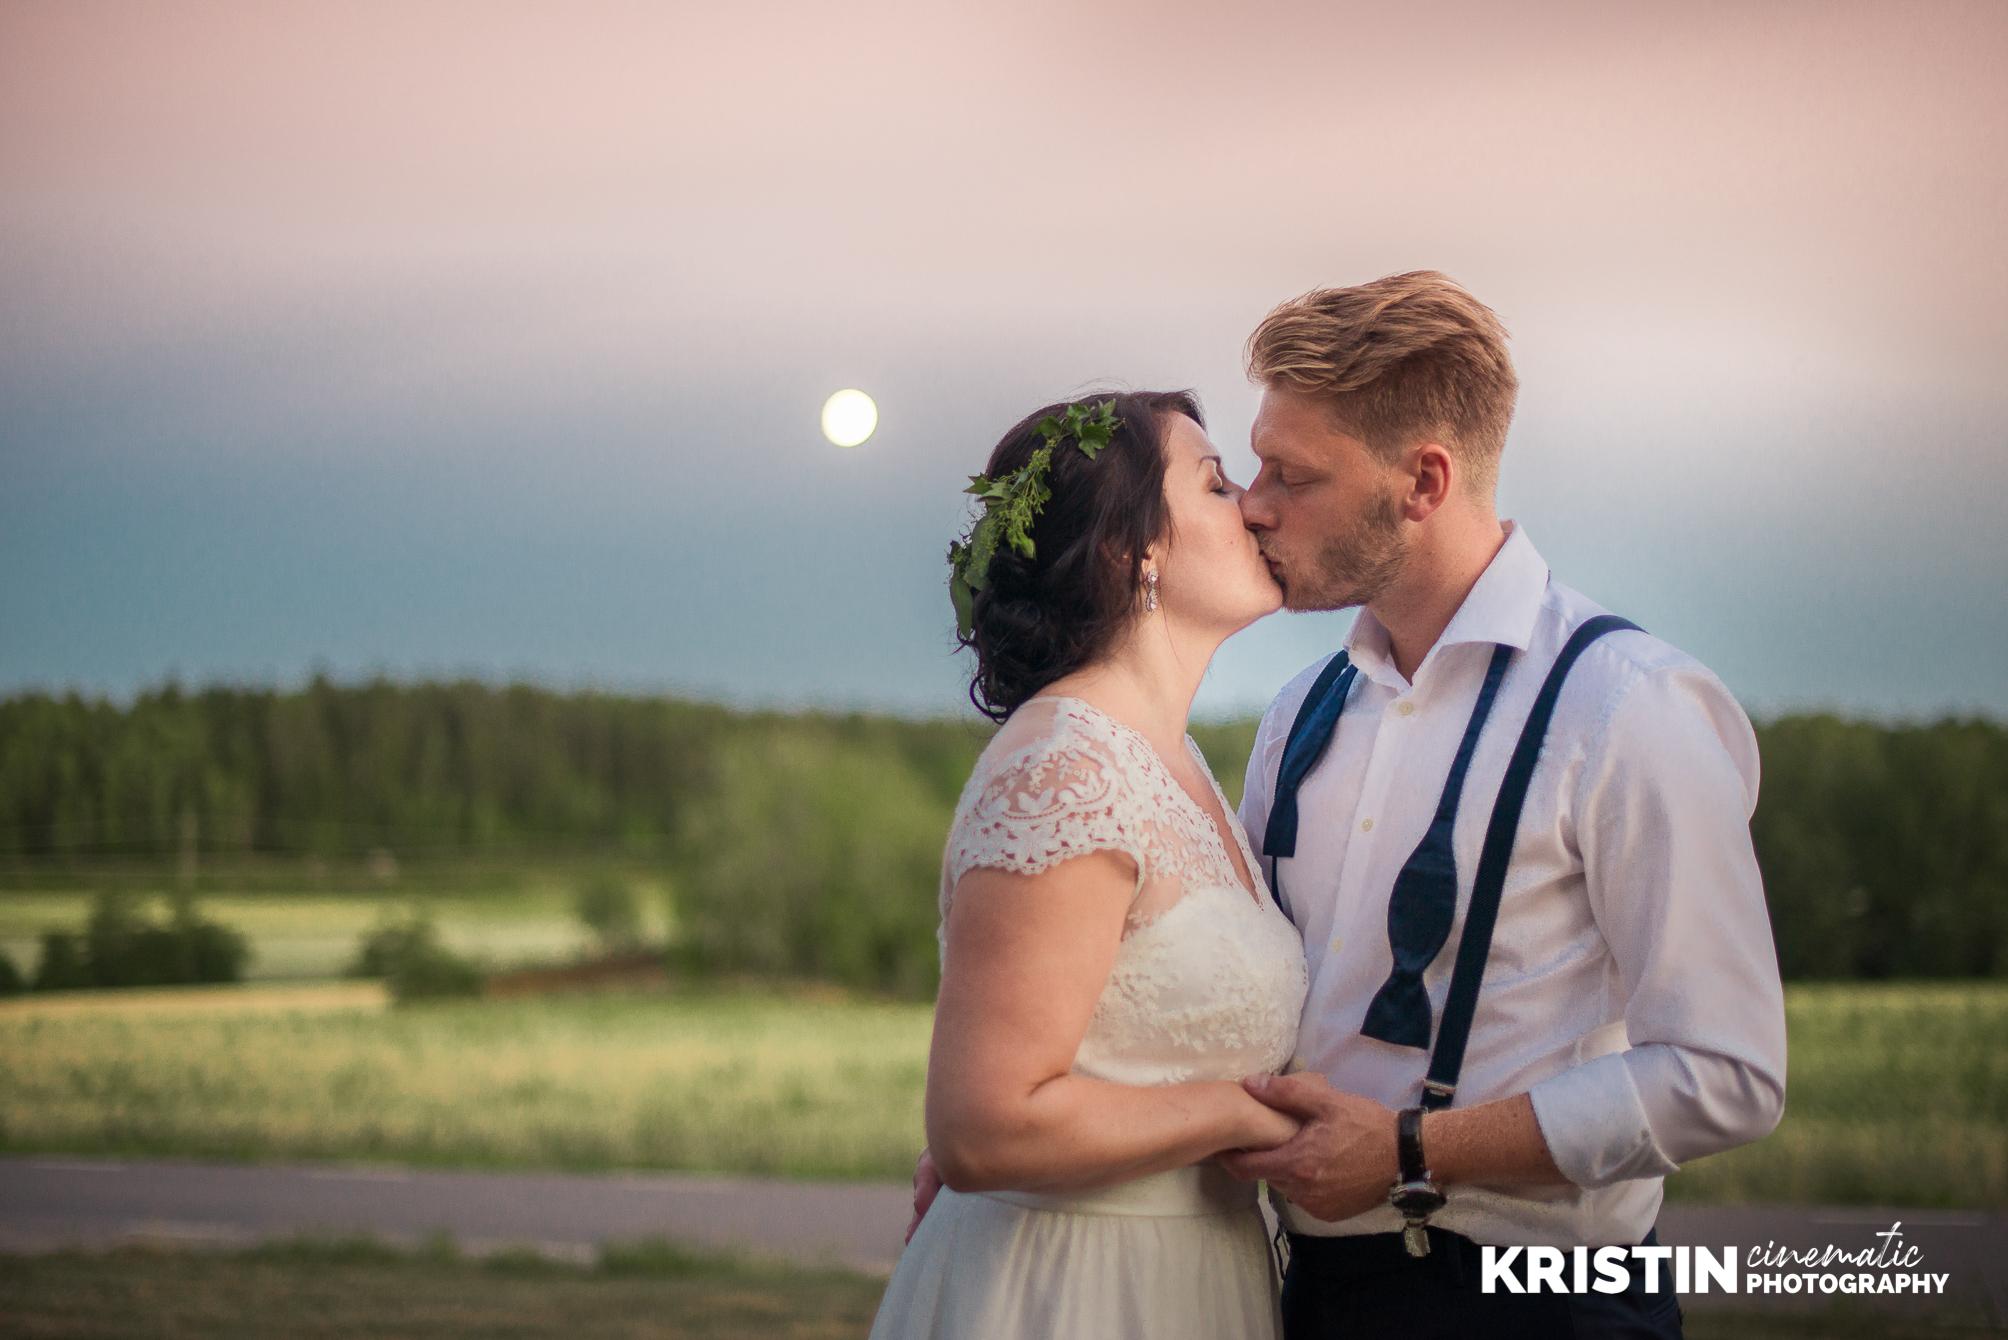 Bröllopsfotograf i Eskilstuna Kristin - Photography-26-2.jpg